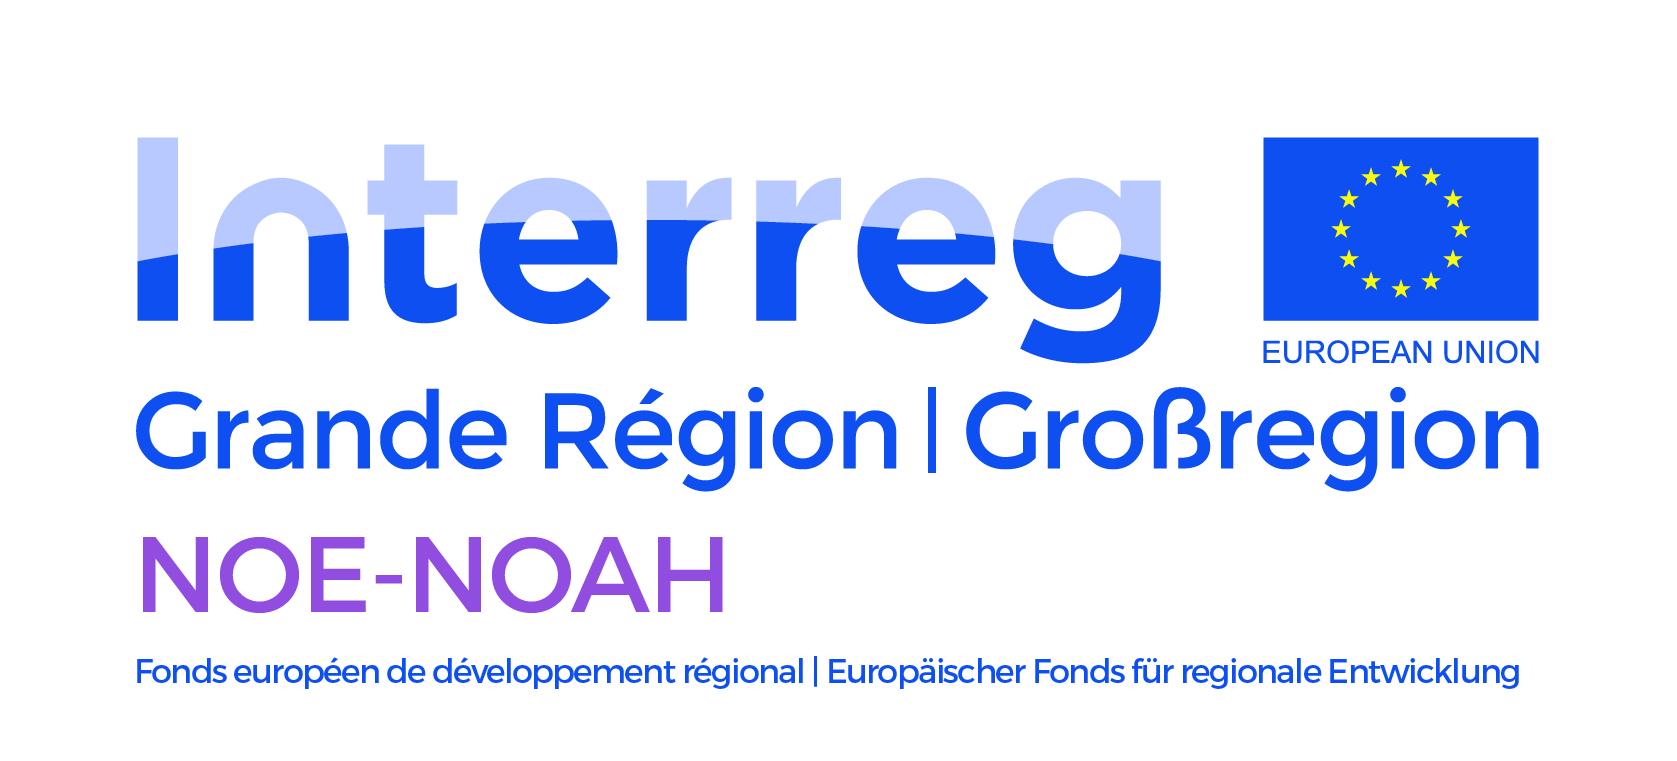 image Interreg_GR_NOENOAH_CMYK_vek.jpg (0.9MB)